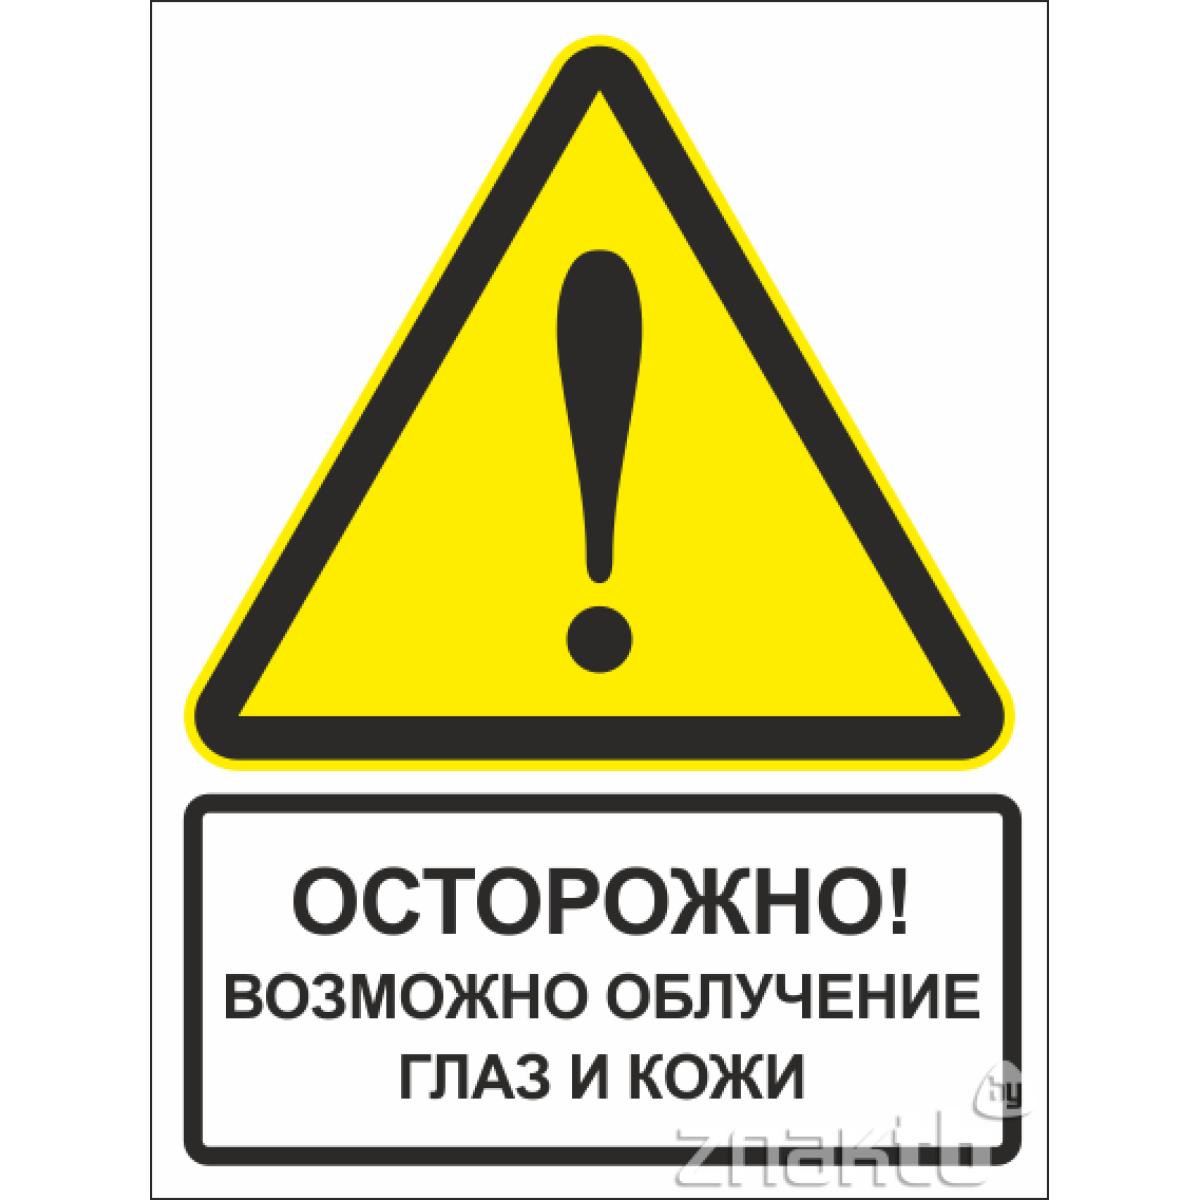 Знак Осторожно! Возможно облучение глаз и кожи (с поясняющей надписью)